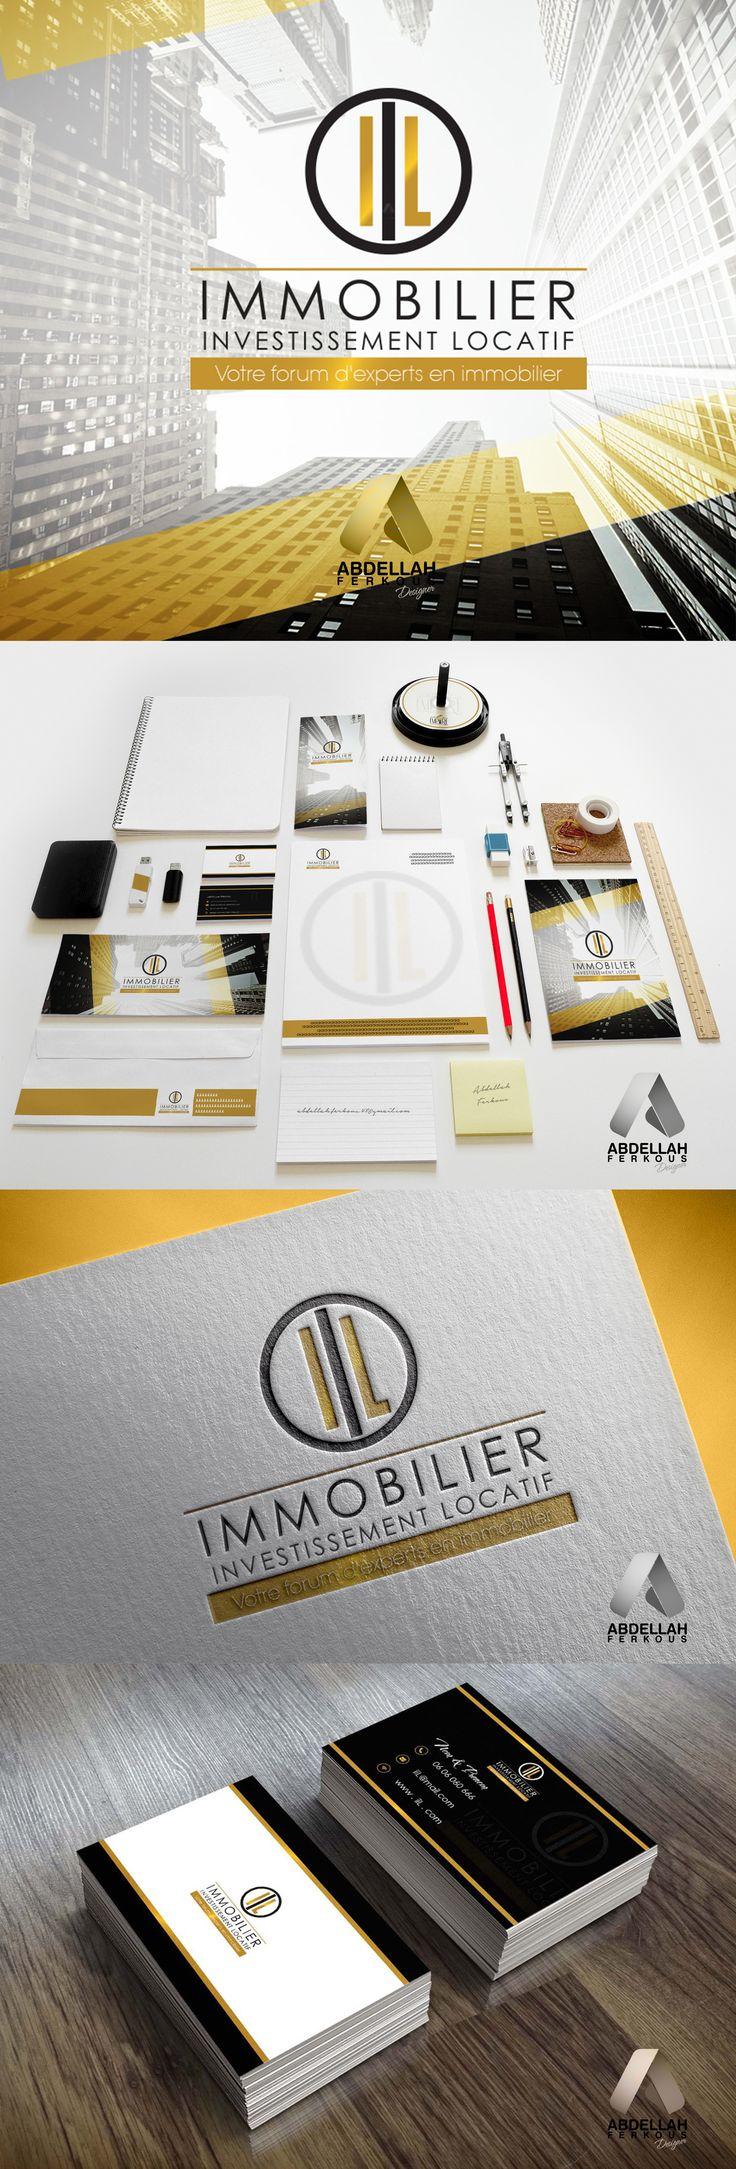 Immobilier logo + identité visuelle